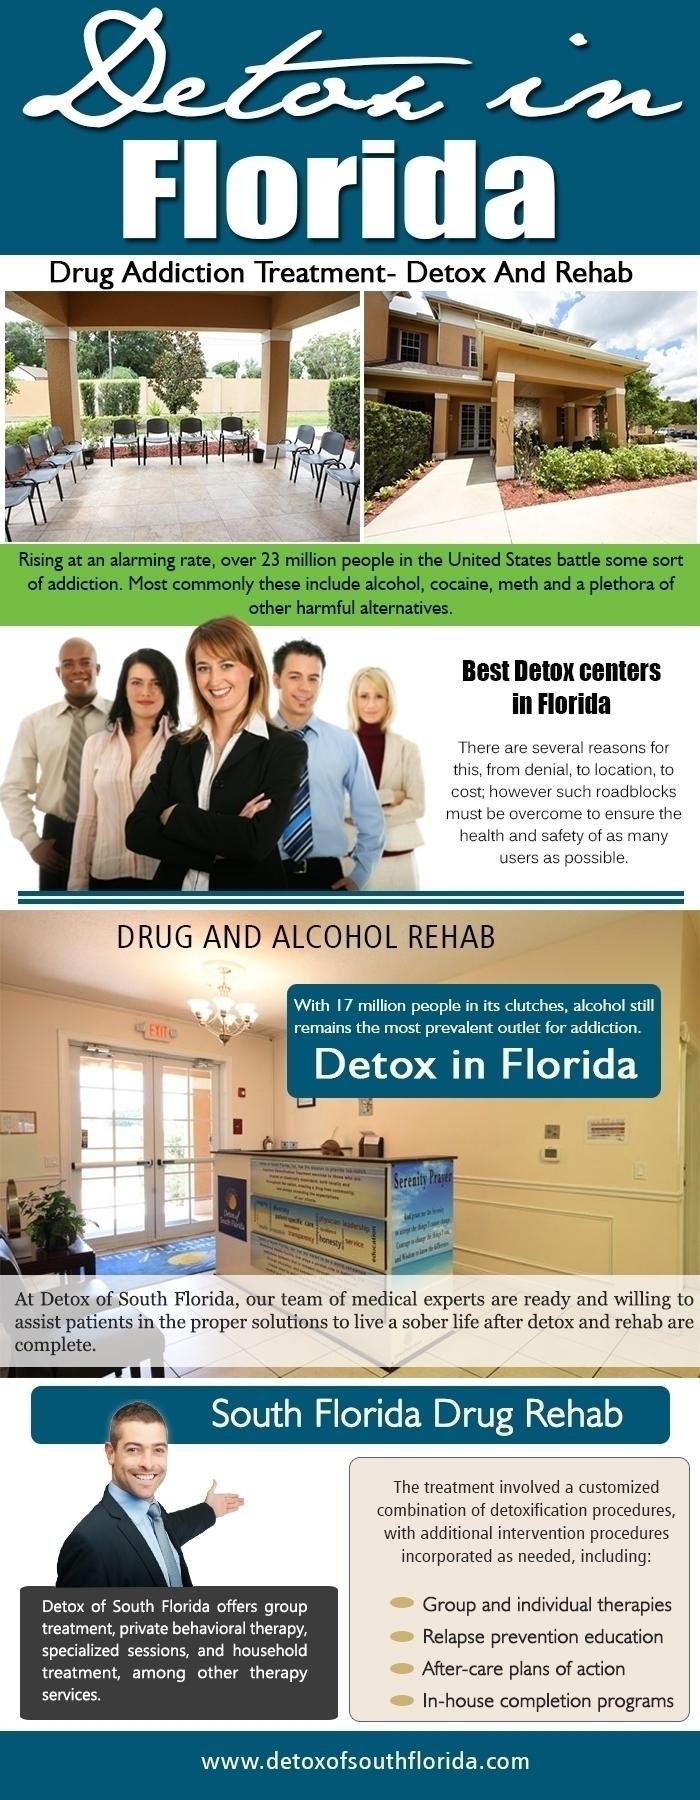 Rehab Center Website: Heroin de - detoxofsouthflorid | ello